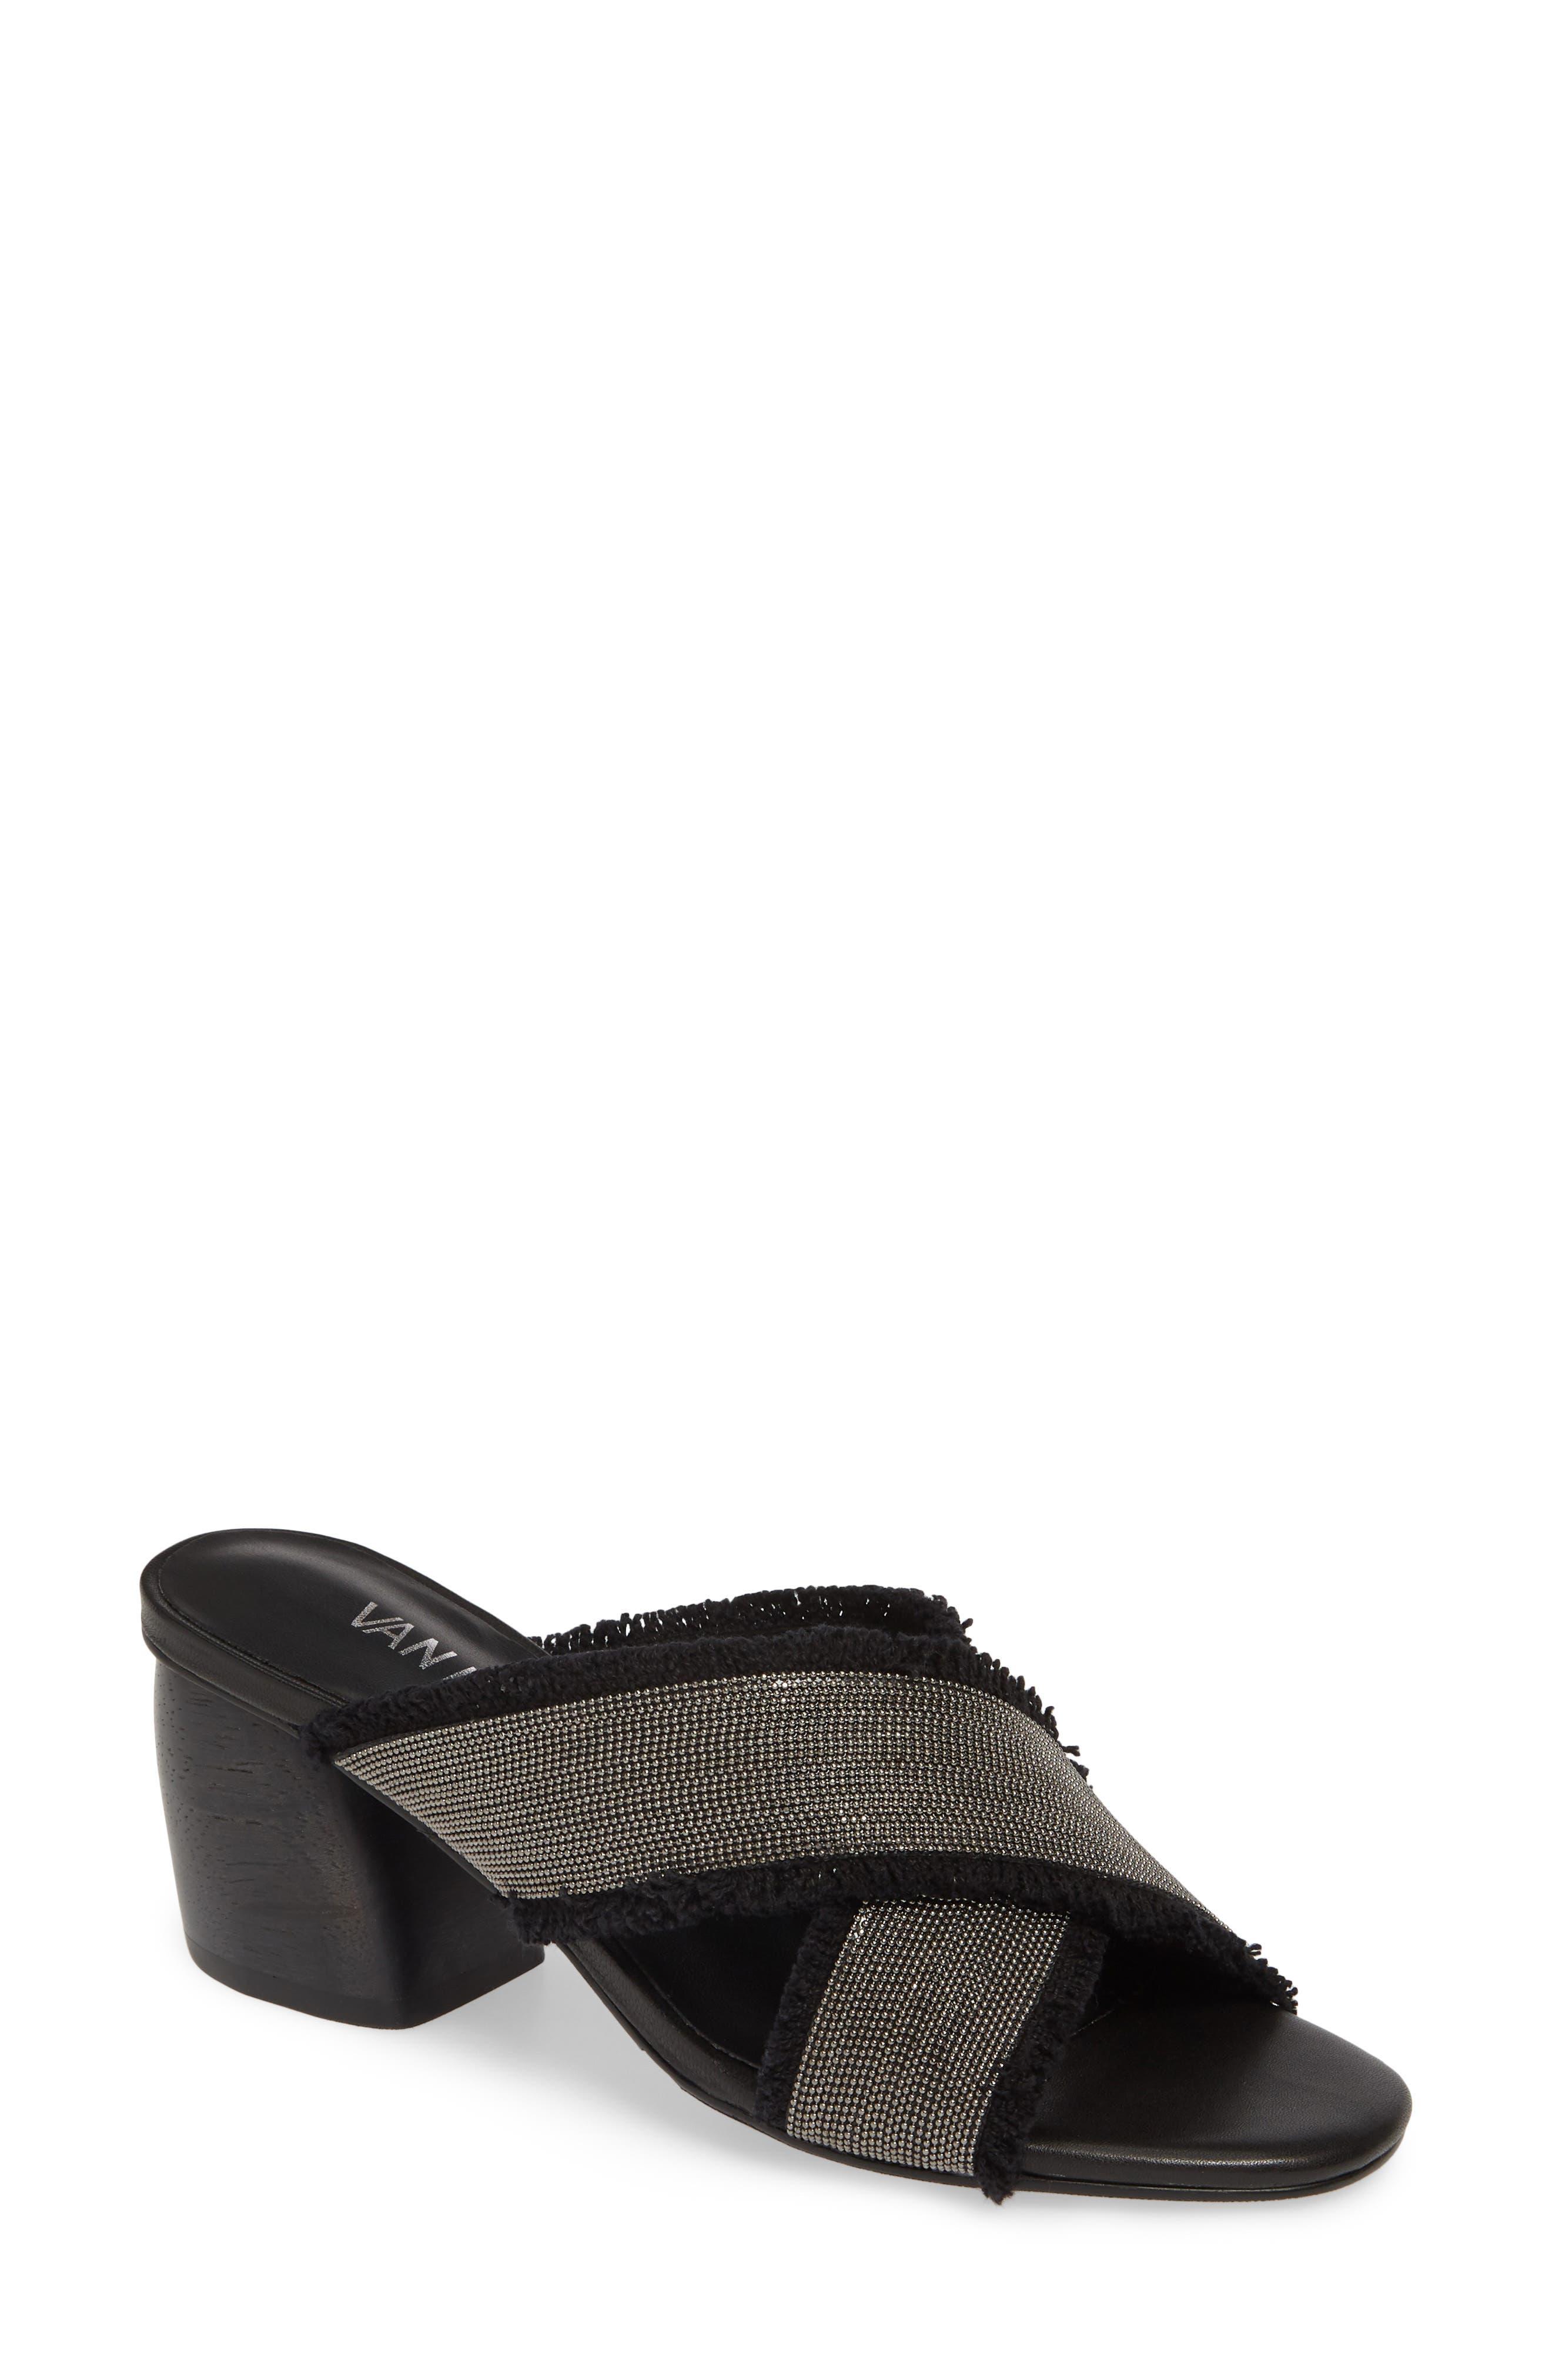 5c2147ca986 Women s Vaneli Slide Sandals